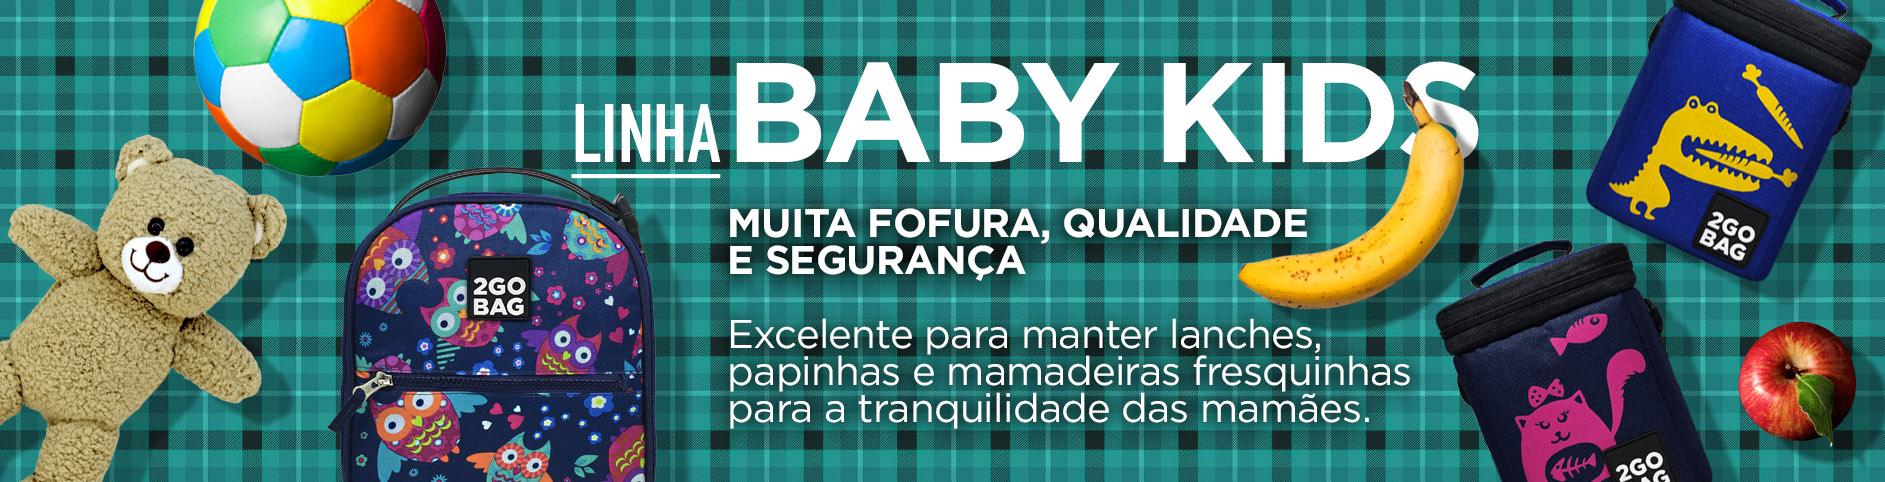 Full Banner Linha Baby Kids